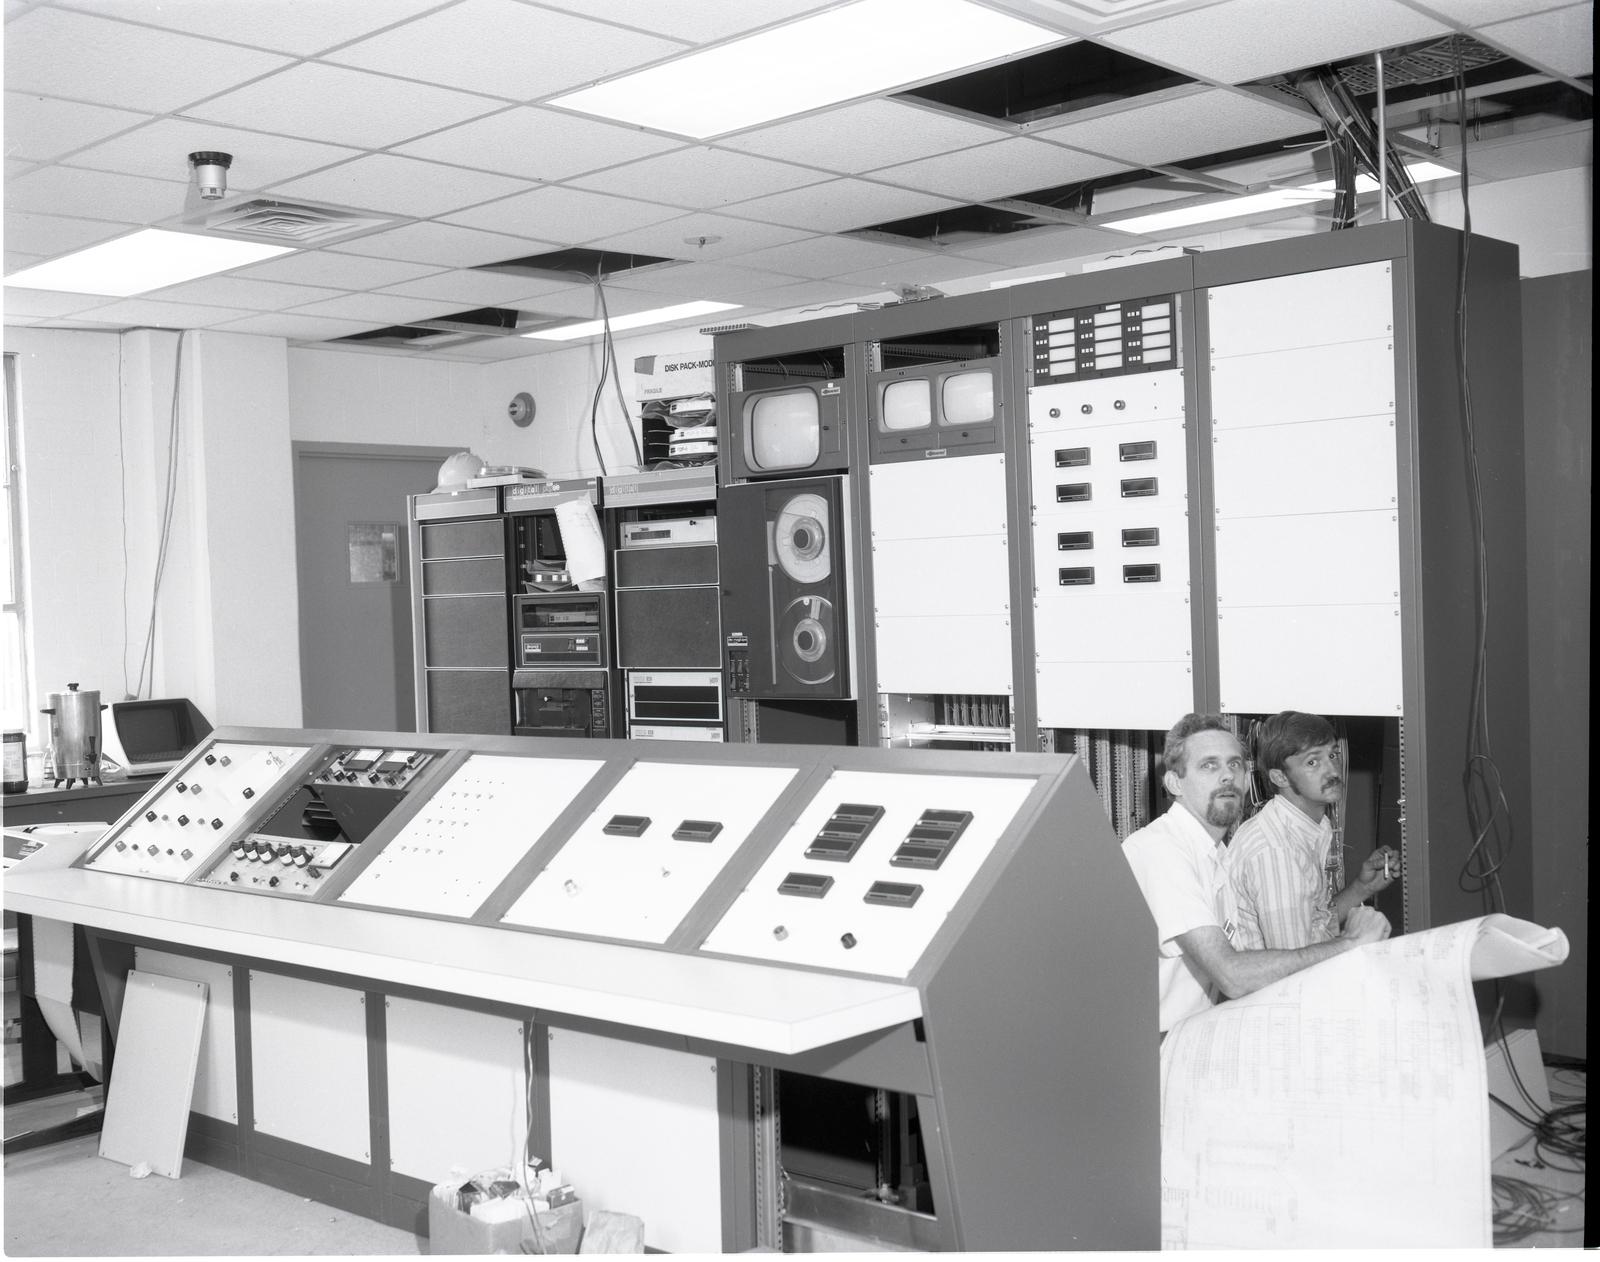 NASA PLUM BROOK STATION WINDMILL PROJECT - 100 KW KILOWATT SITE